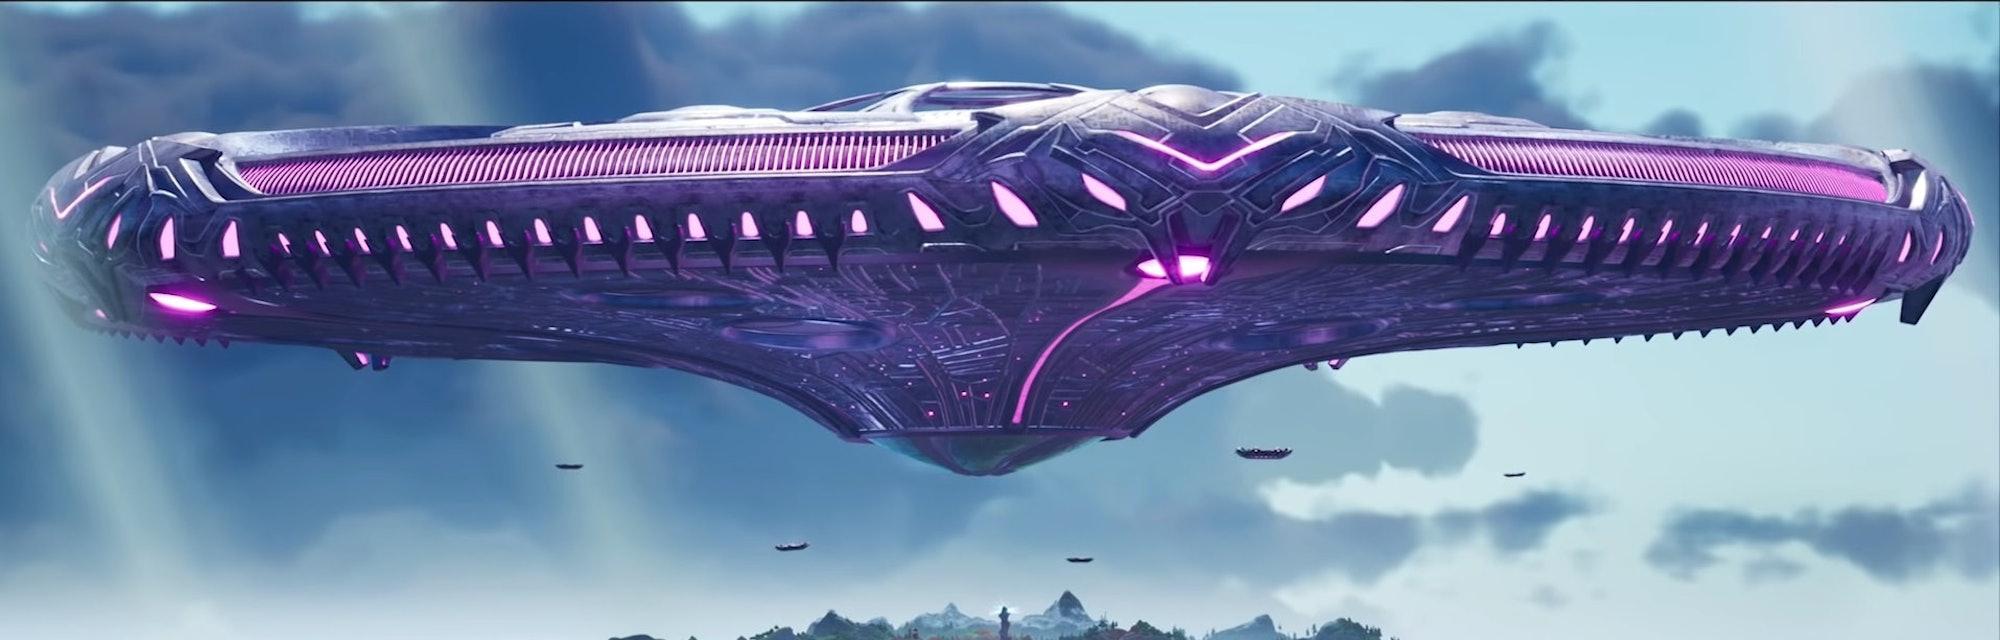 fortnite alien artifact ufo locations week 3